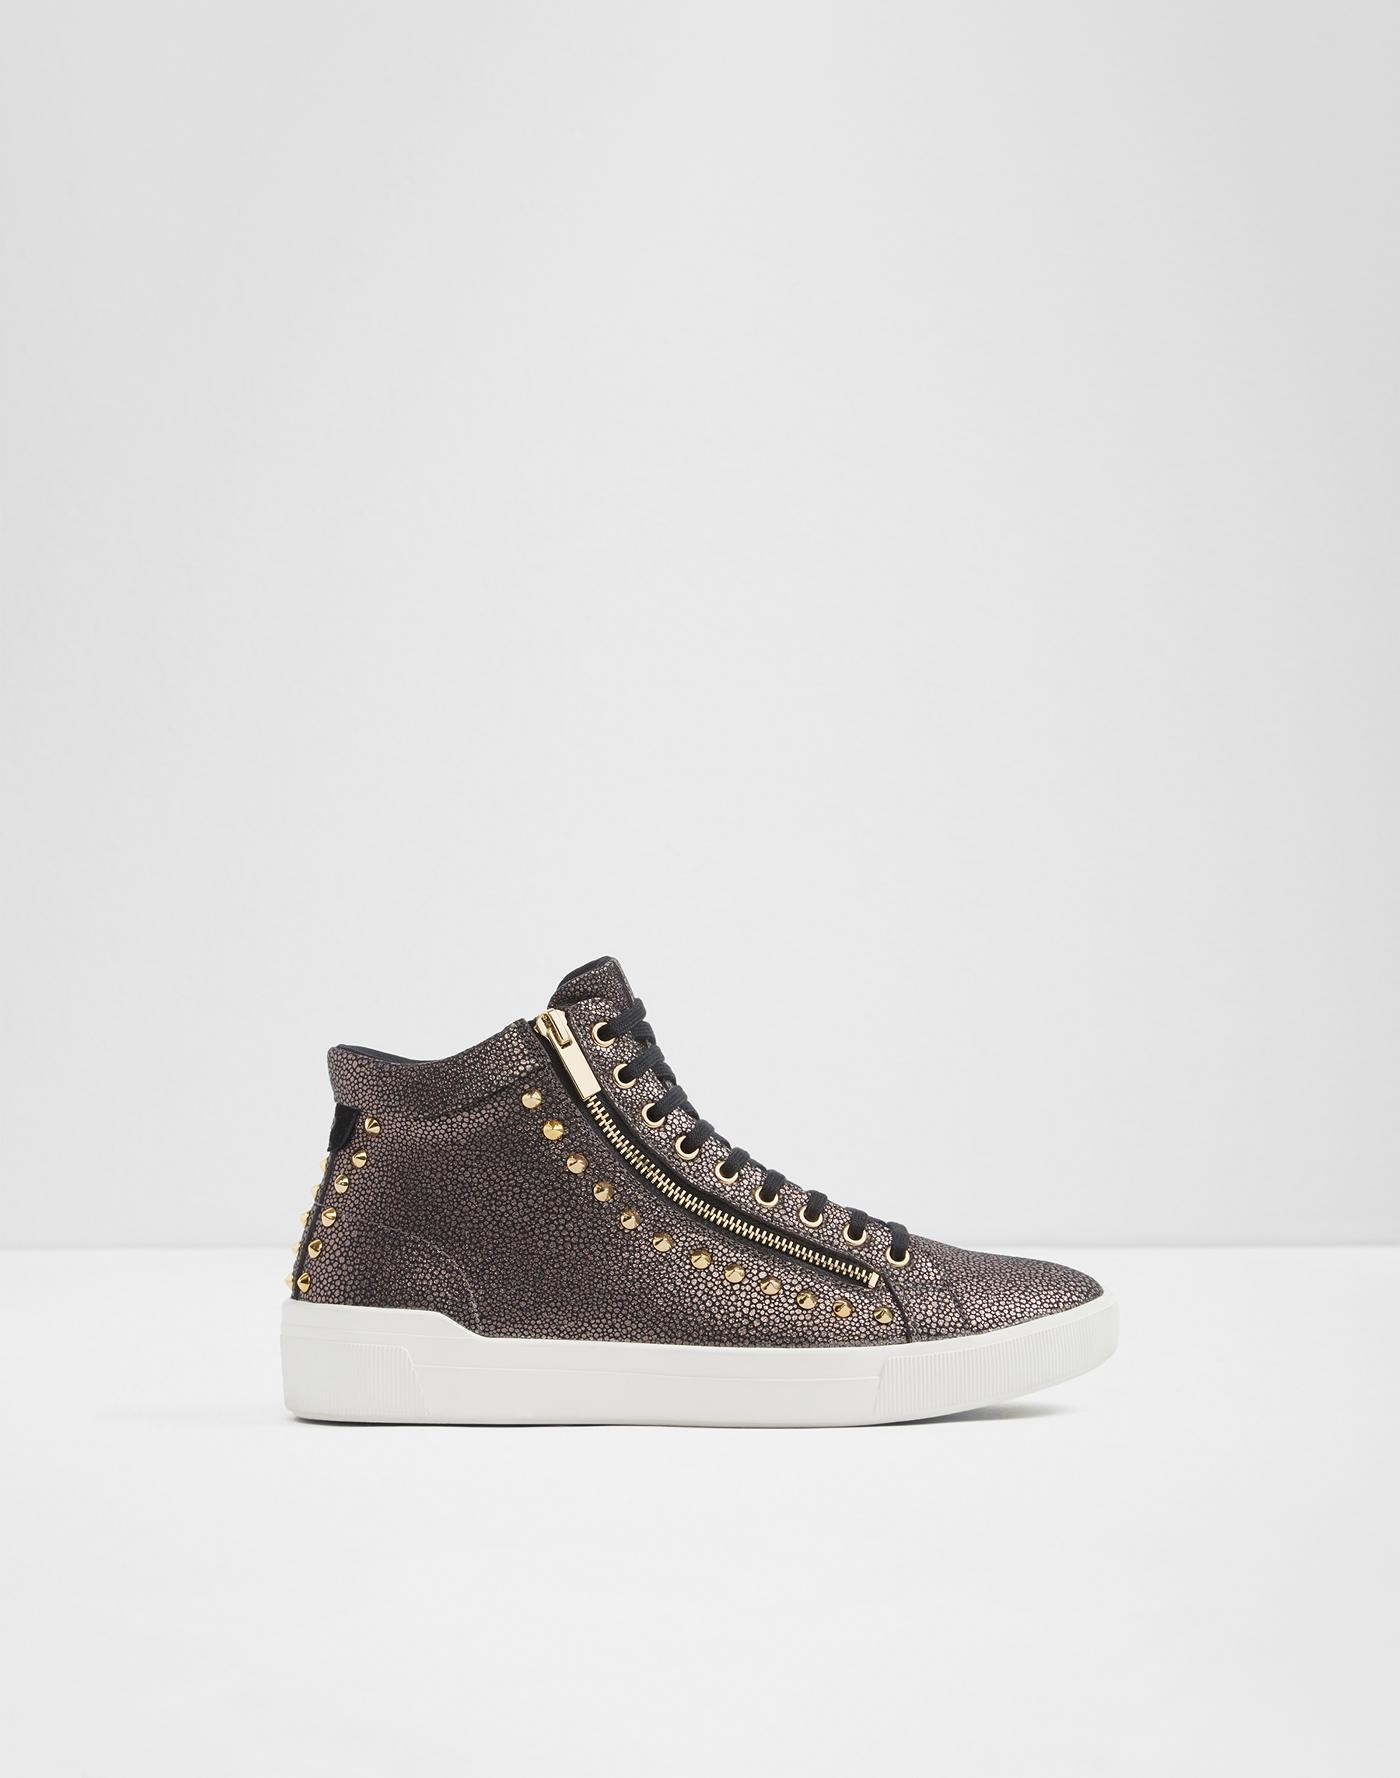 aldo shoes with spikes menu rsm